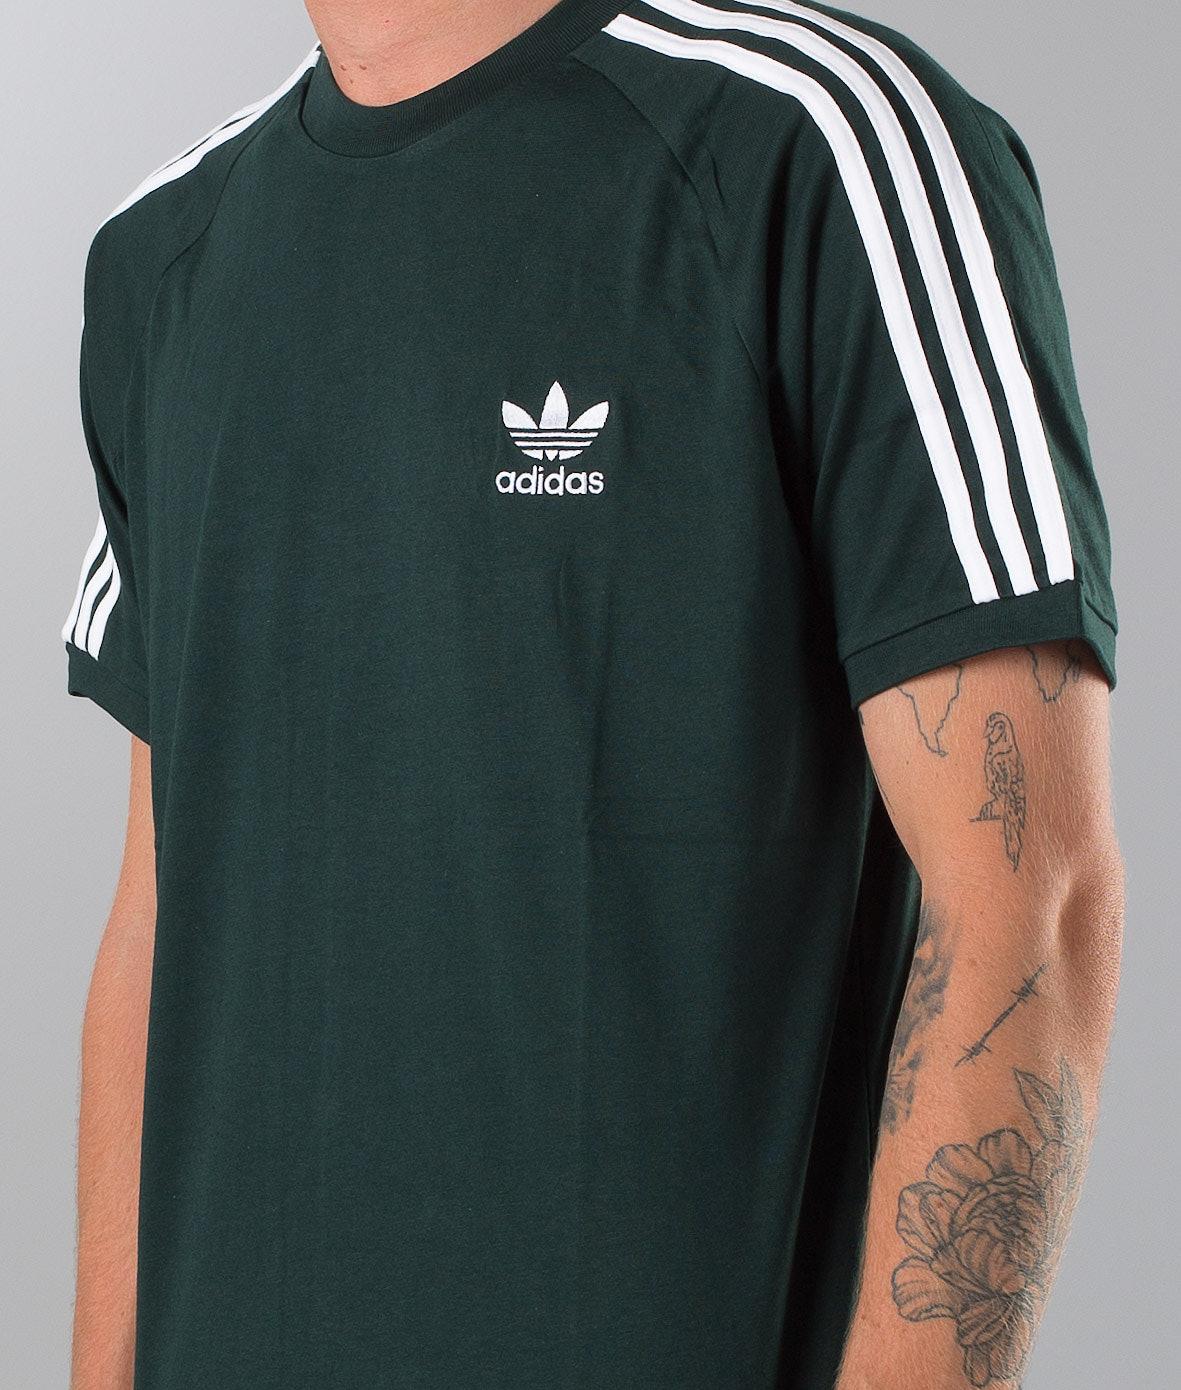 Adidas Originals 3-Stripes T-shirt Green Night - Ridestore.com 95600a0a4e28